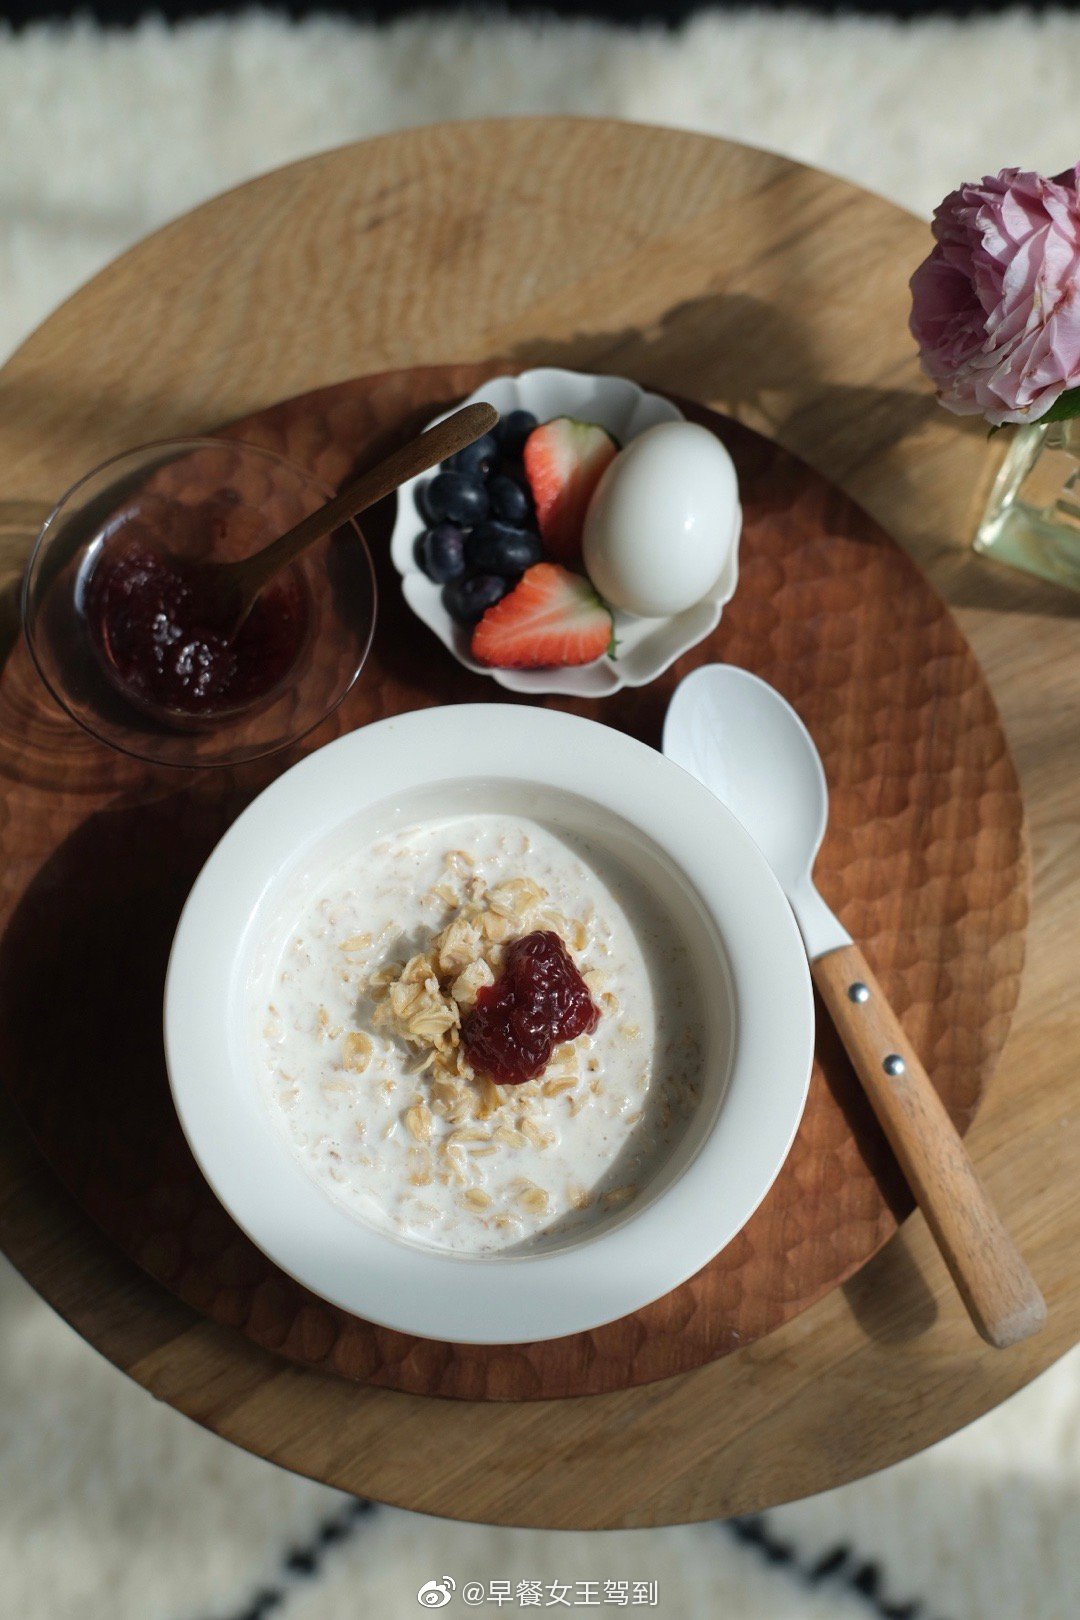 2月的最后一天在阳光里吃了简单的早餐有喜欢的书、有自己种的